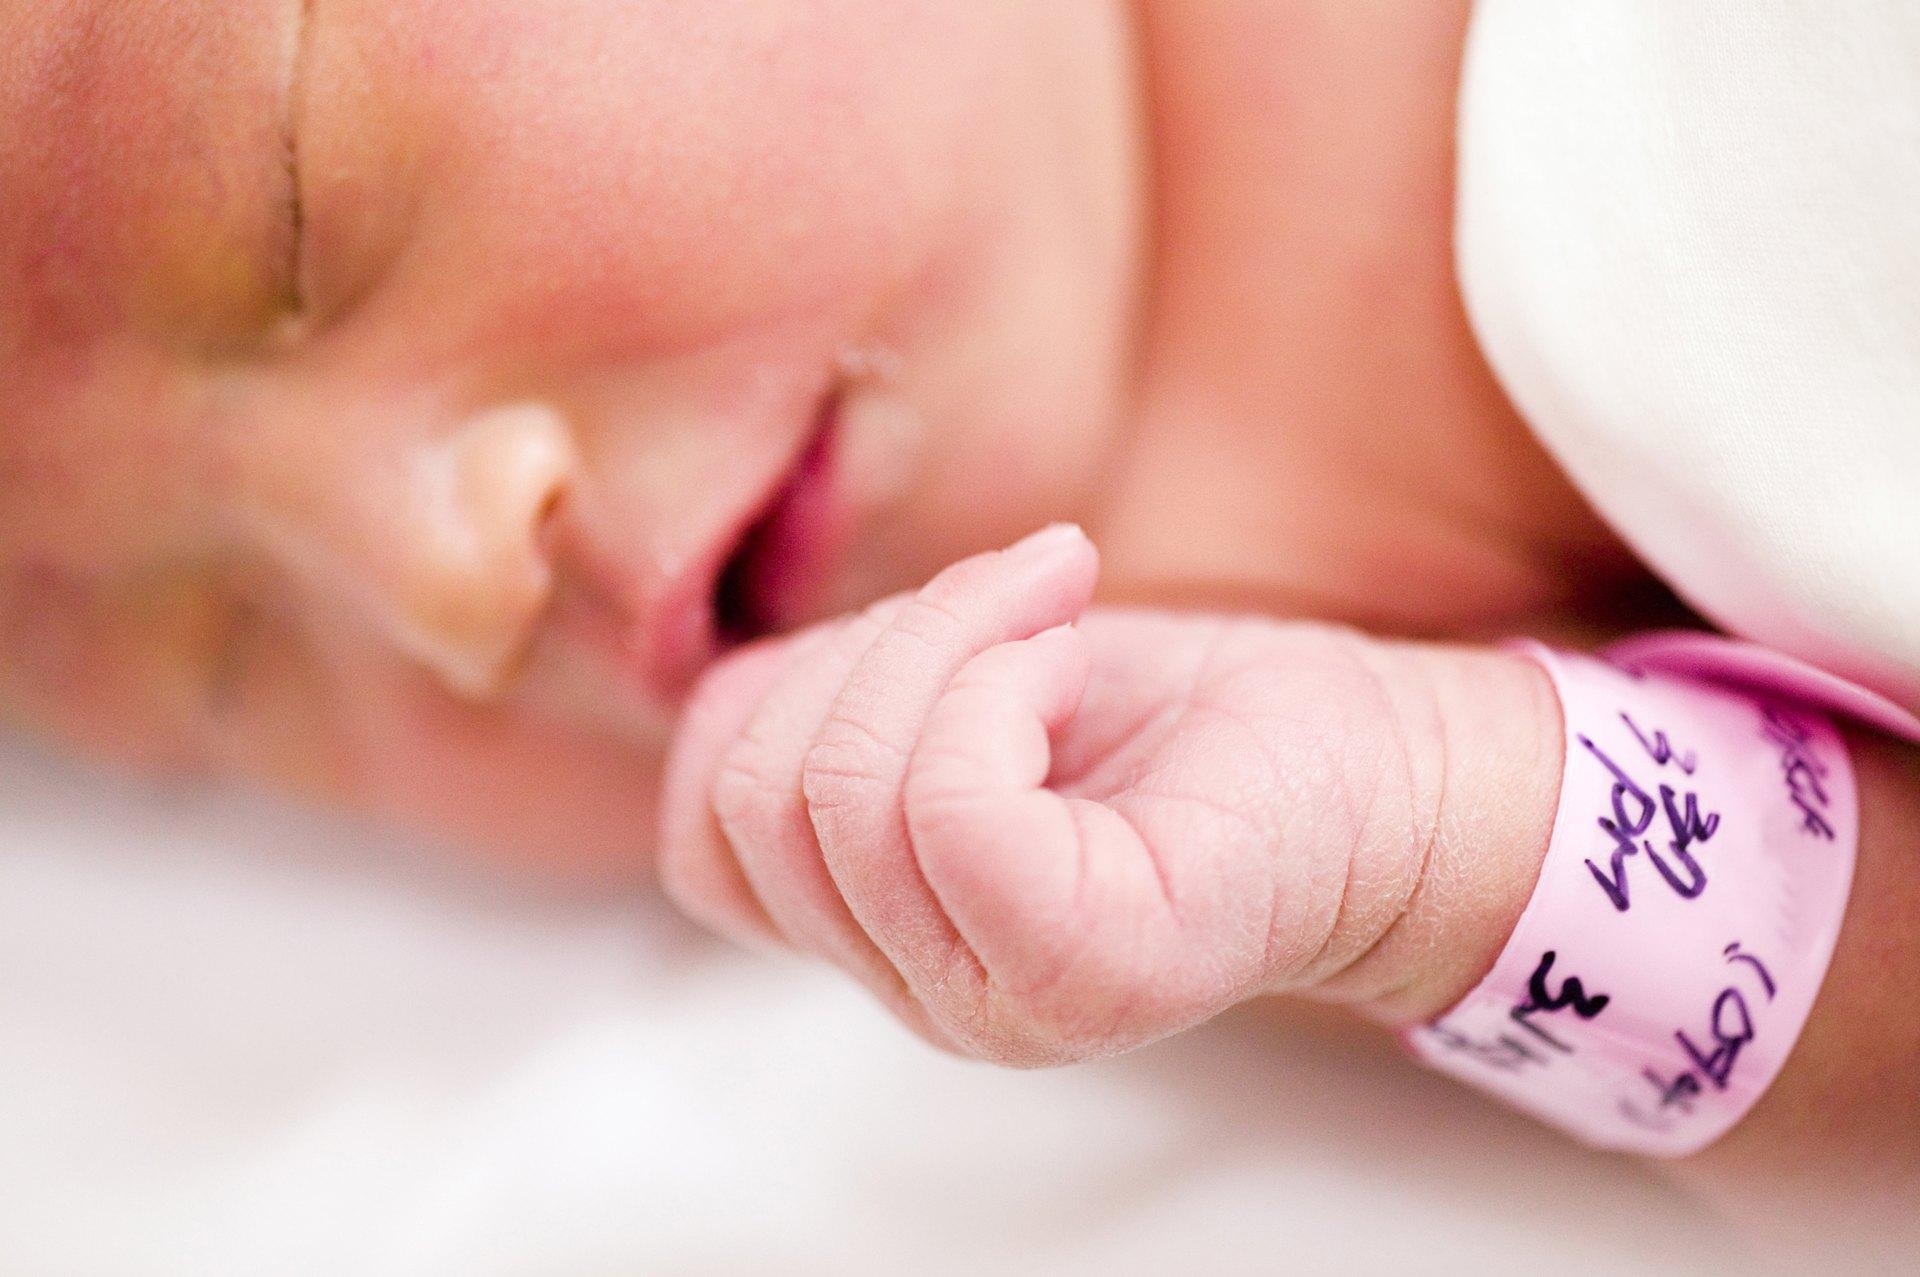 High Potassium in Babies